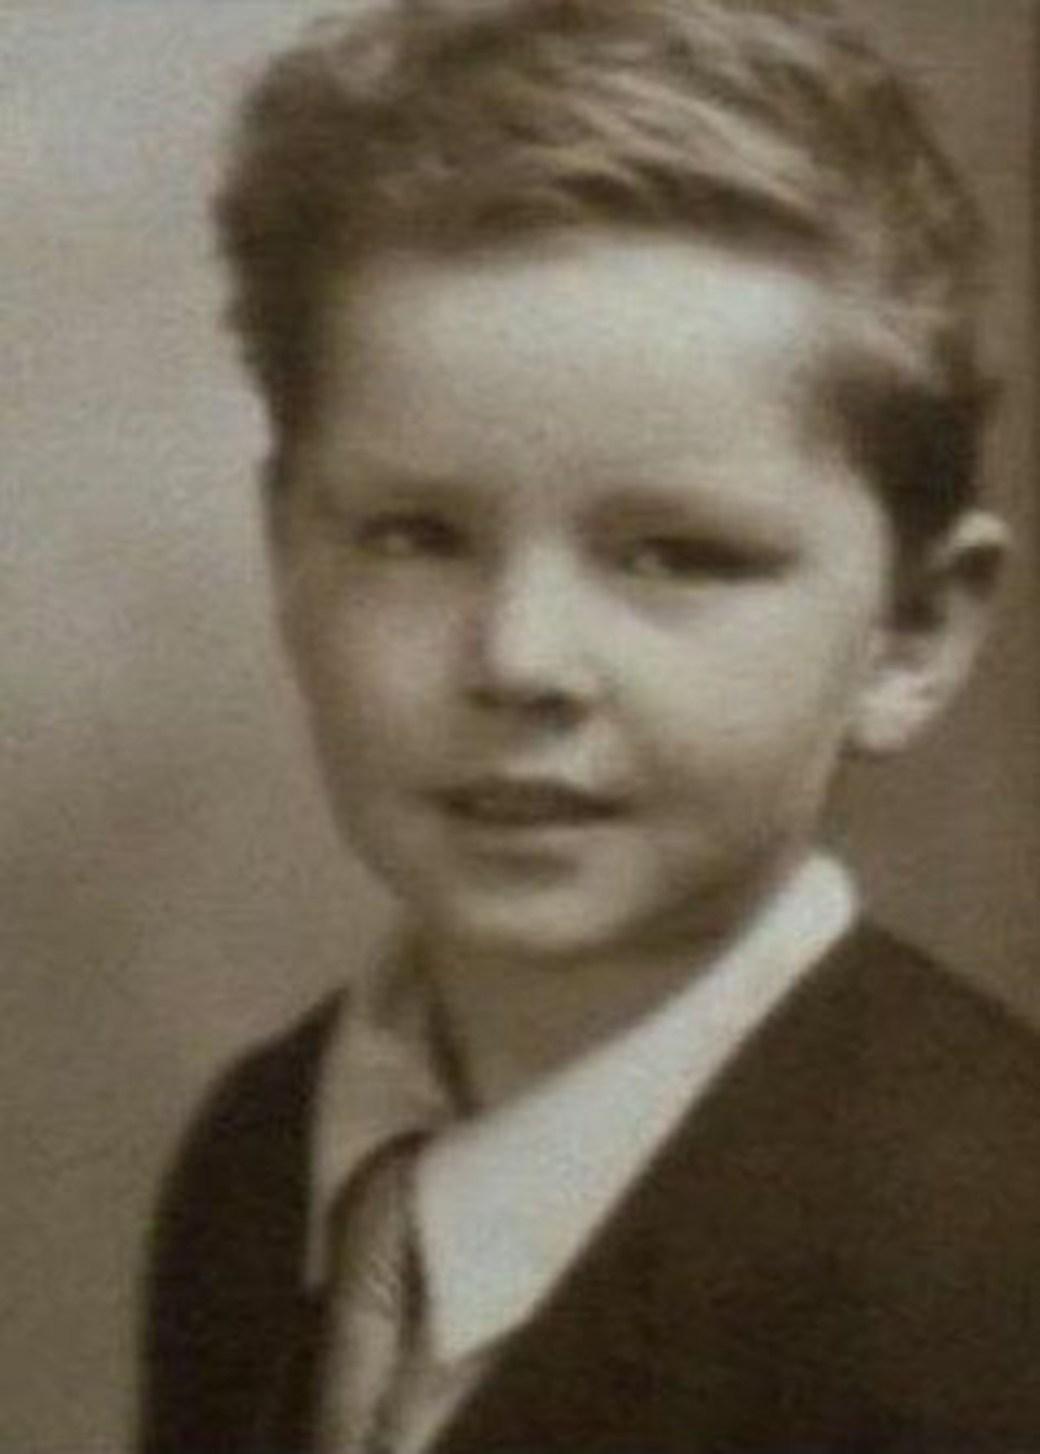 Jack Nicholson de niño